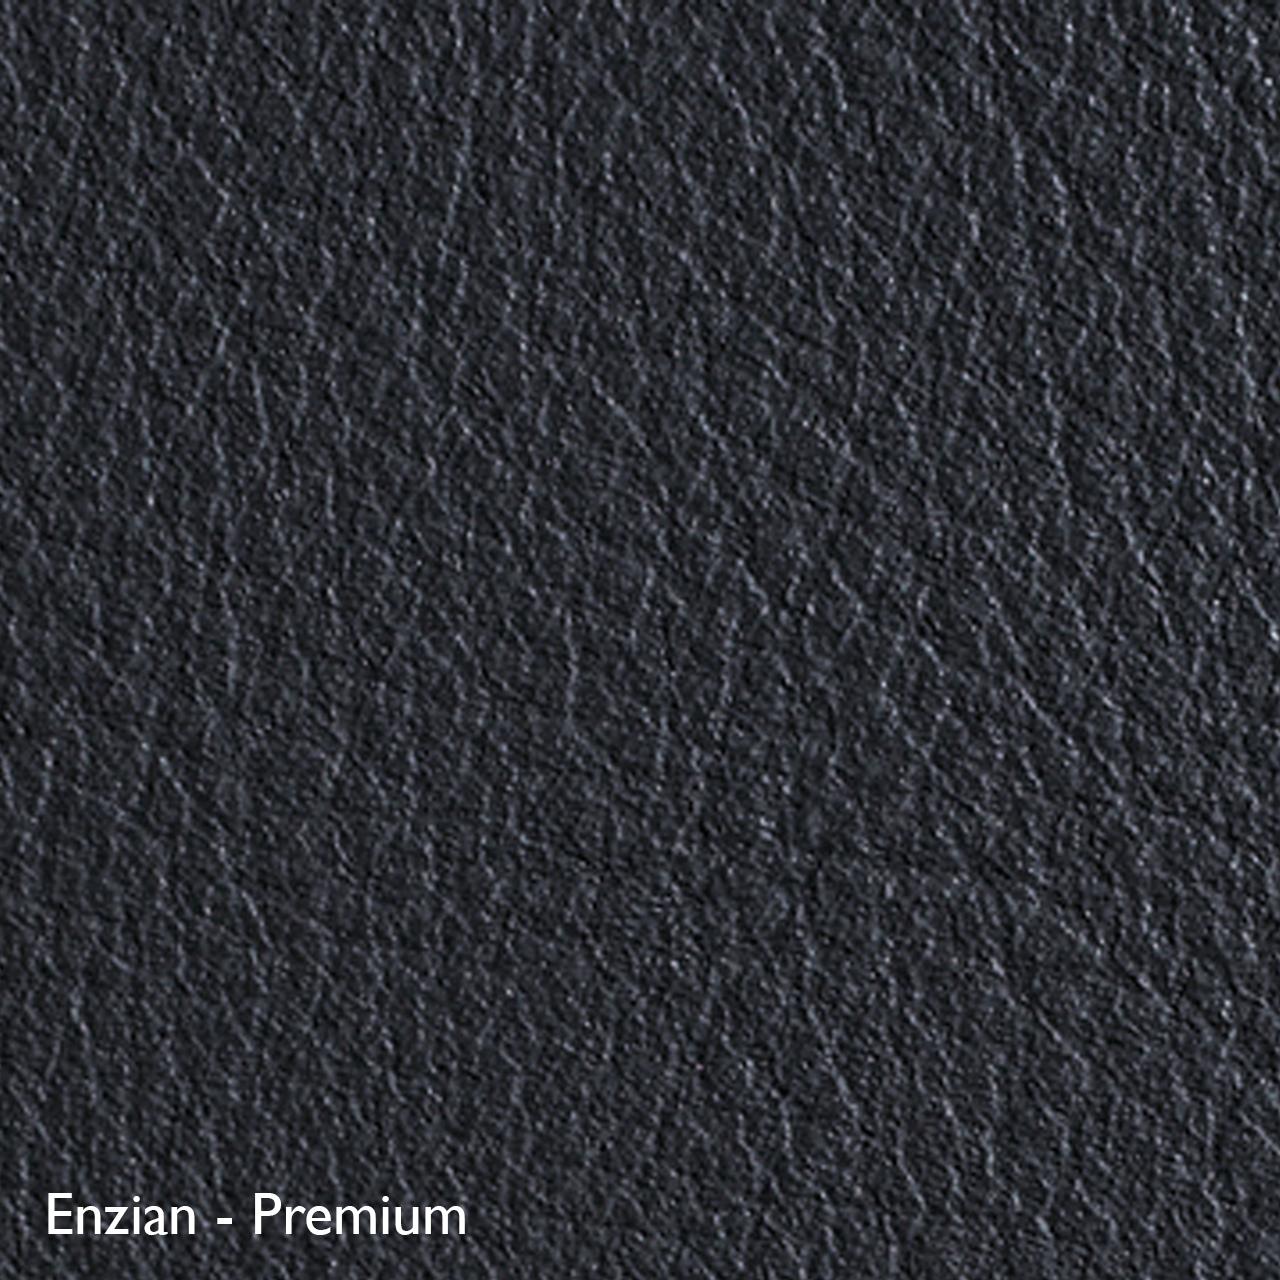 Classicon Sessel 'Euvira' mit Polsterung  Eiche natur,  Filzgleiter,  Enzian - Premium